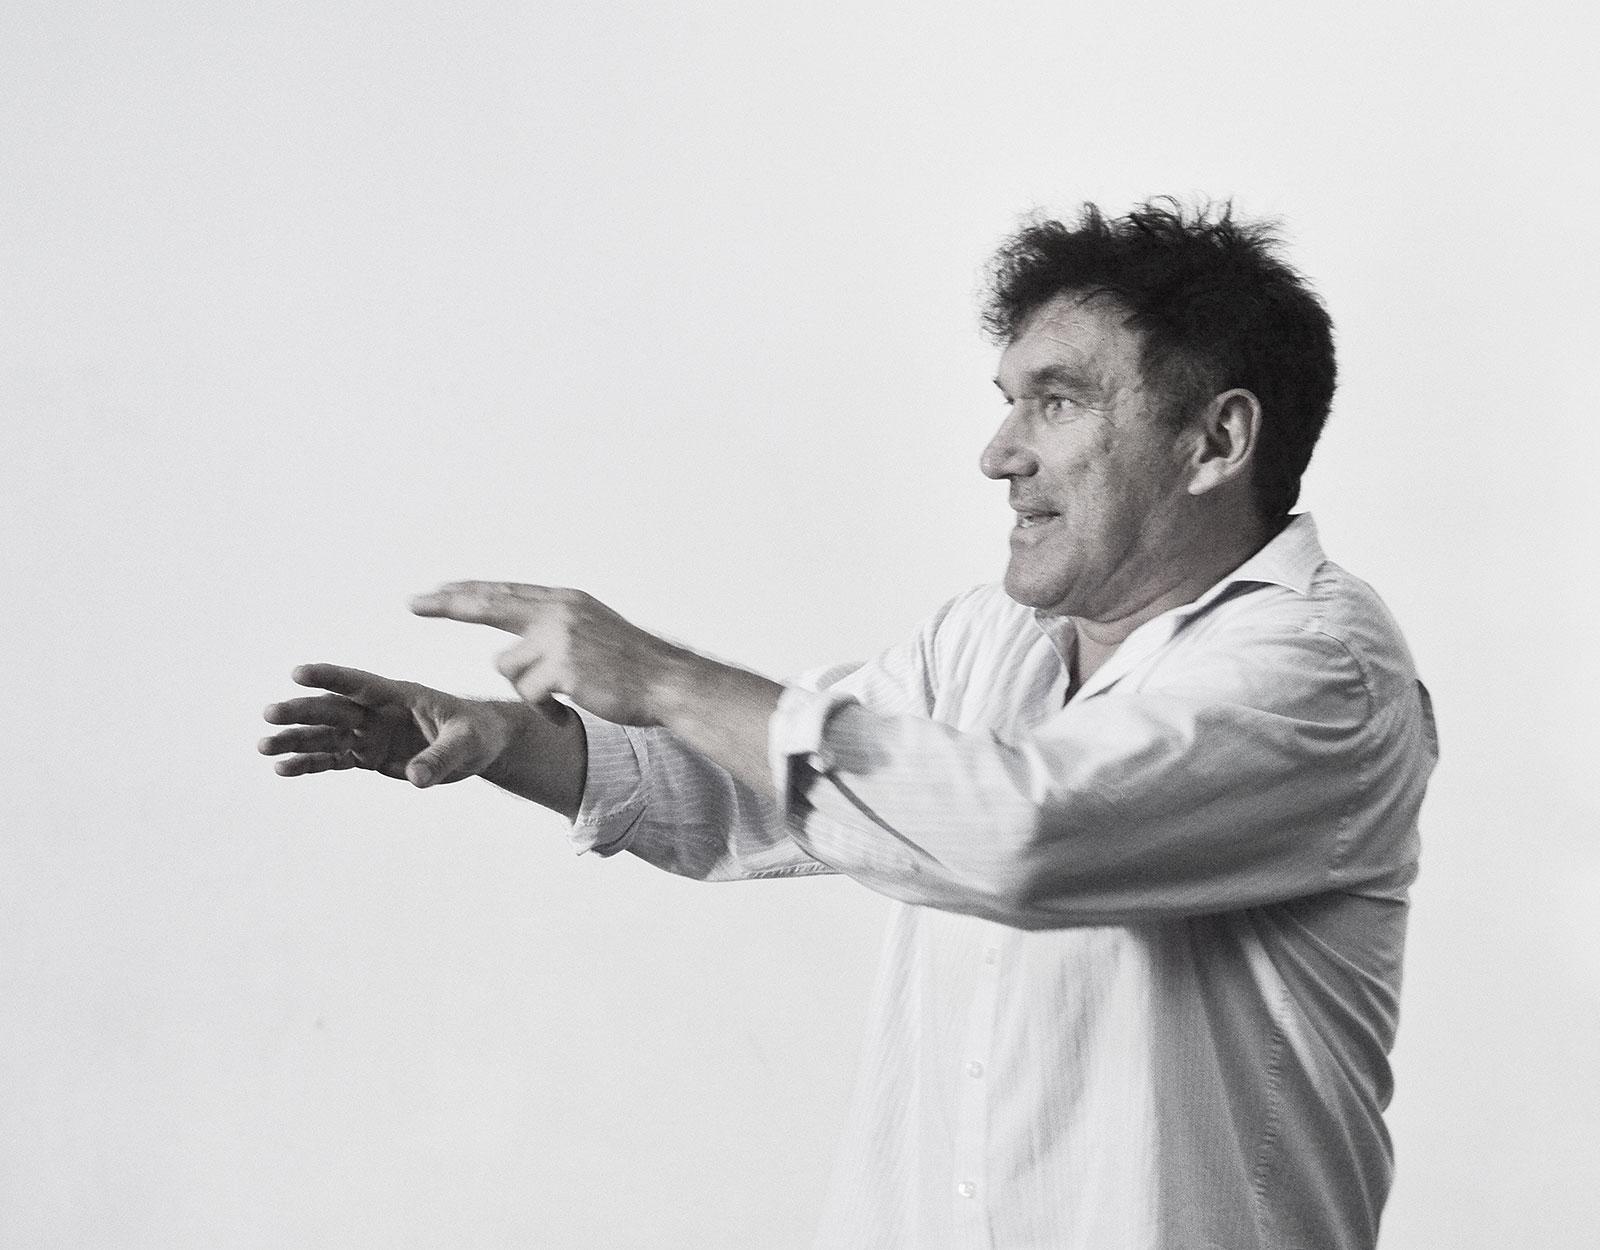 Німецький театральний режисер Маркус Ніден проведе семінар у Києві (12 та 13 жовтня)